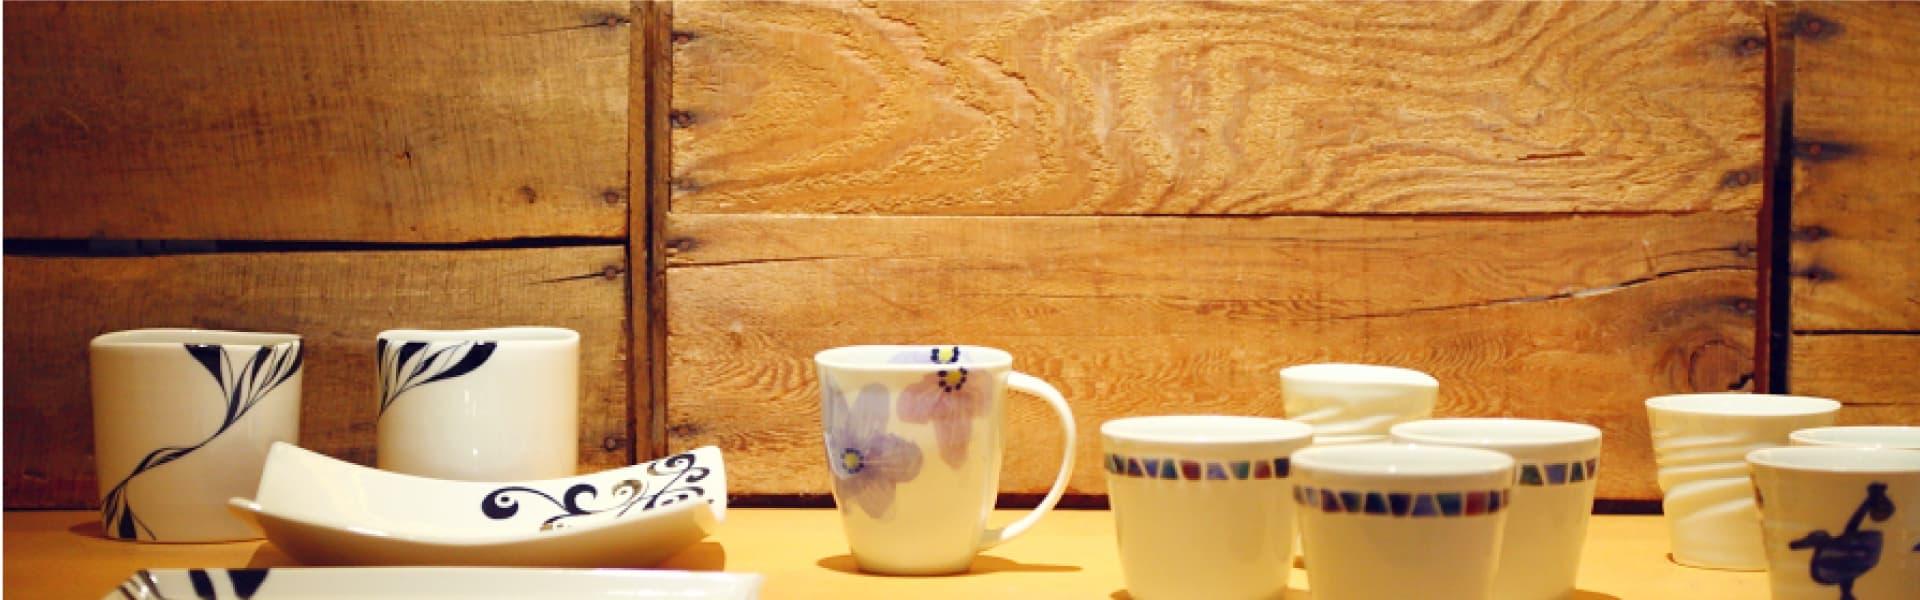 【松山・道后和砥部烧之乡巡游】第2天以后,推荐您来这里!亲身体验一下道后的历史和砥部町的窑文化。